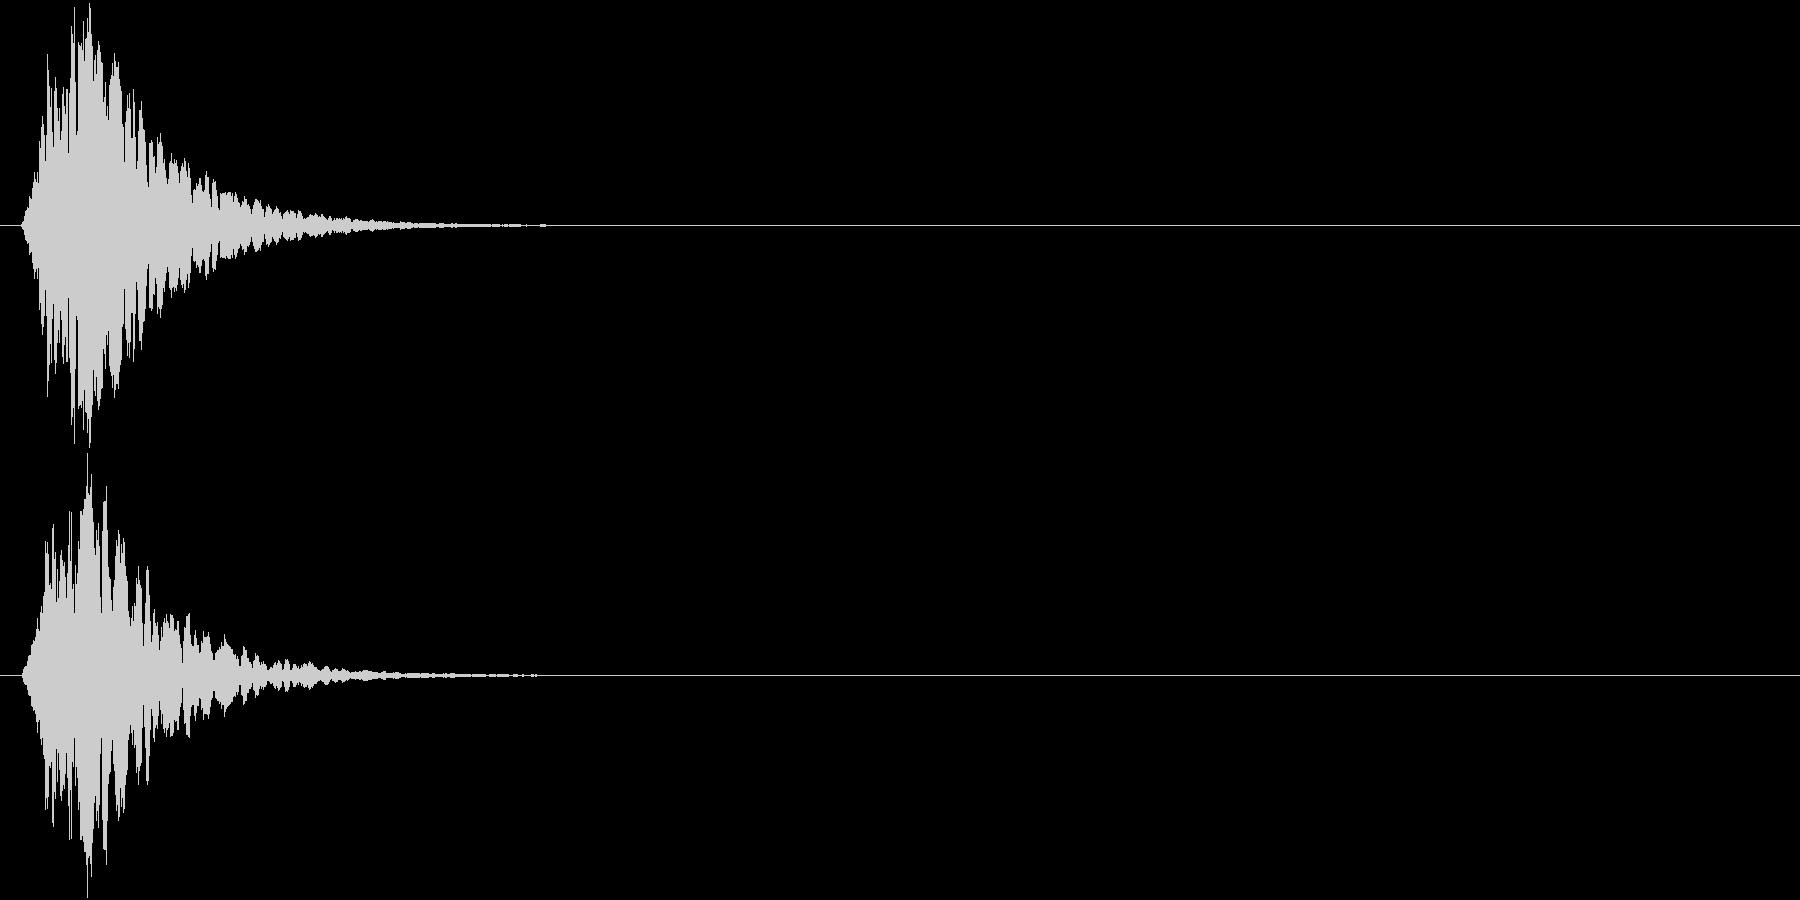 キュピーン(短め) 光 魔法効果  の未再生の波形